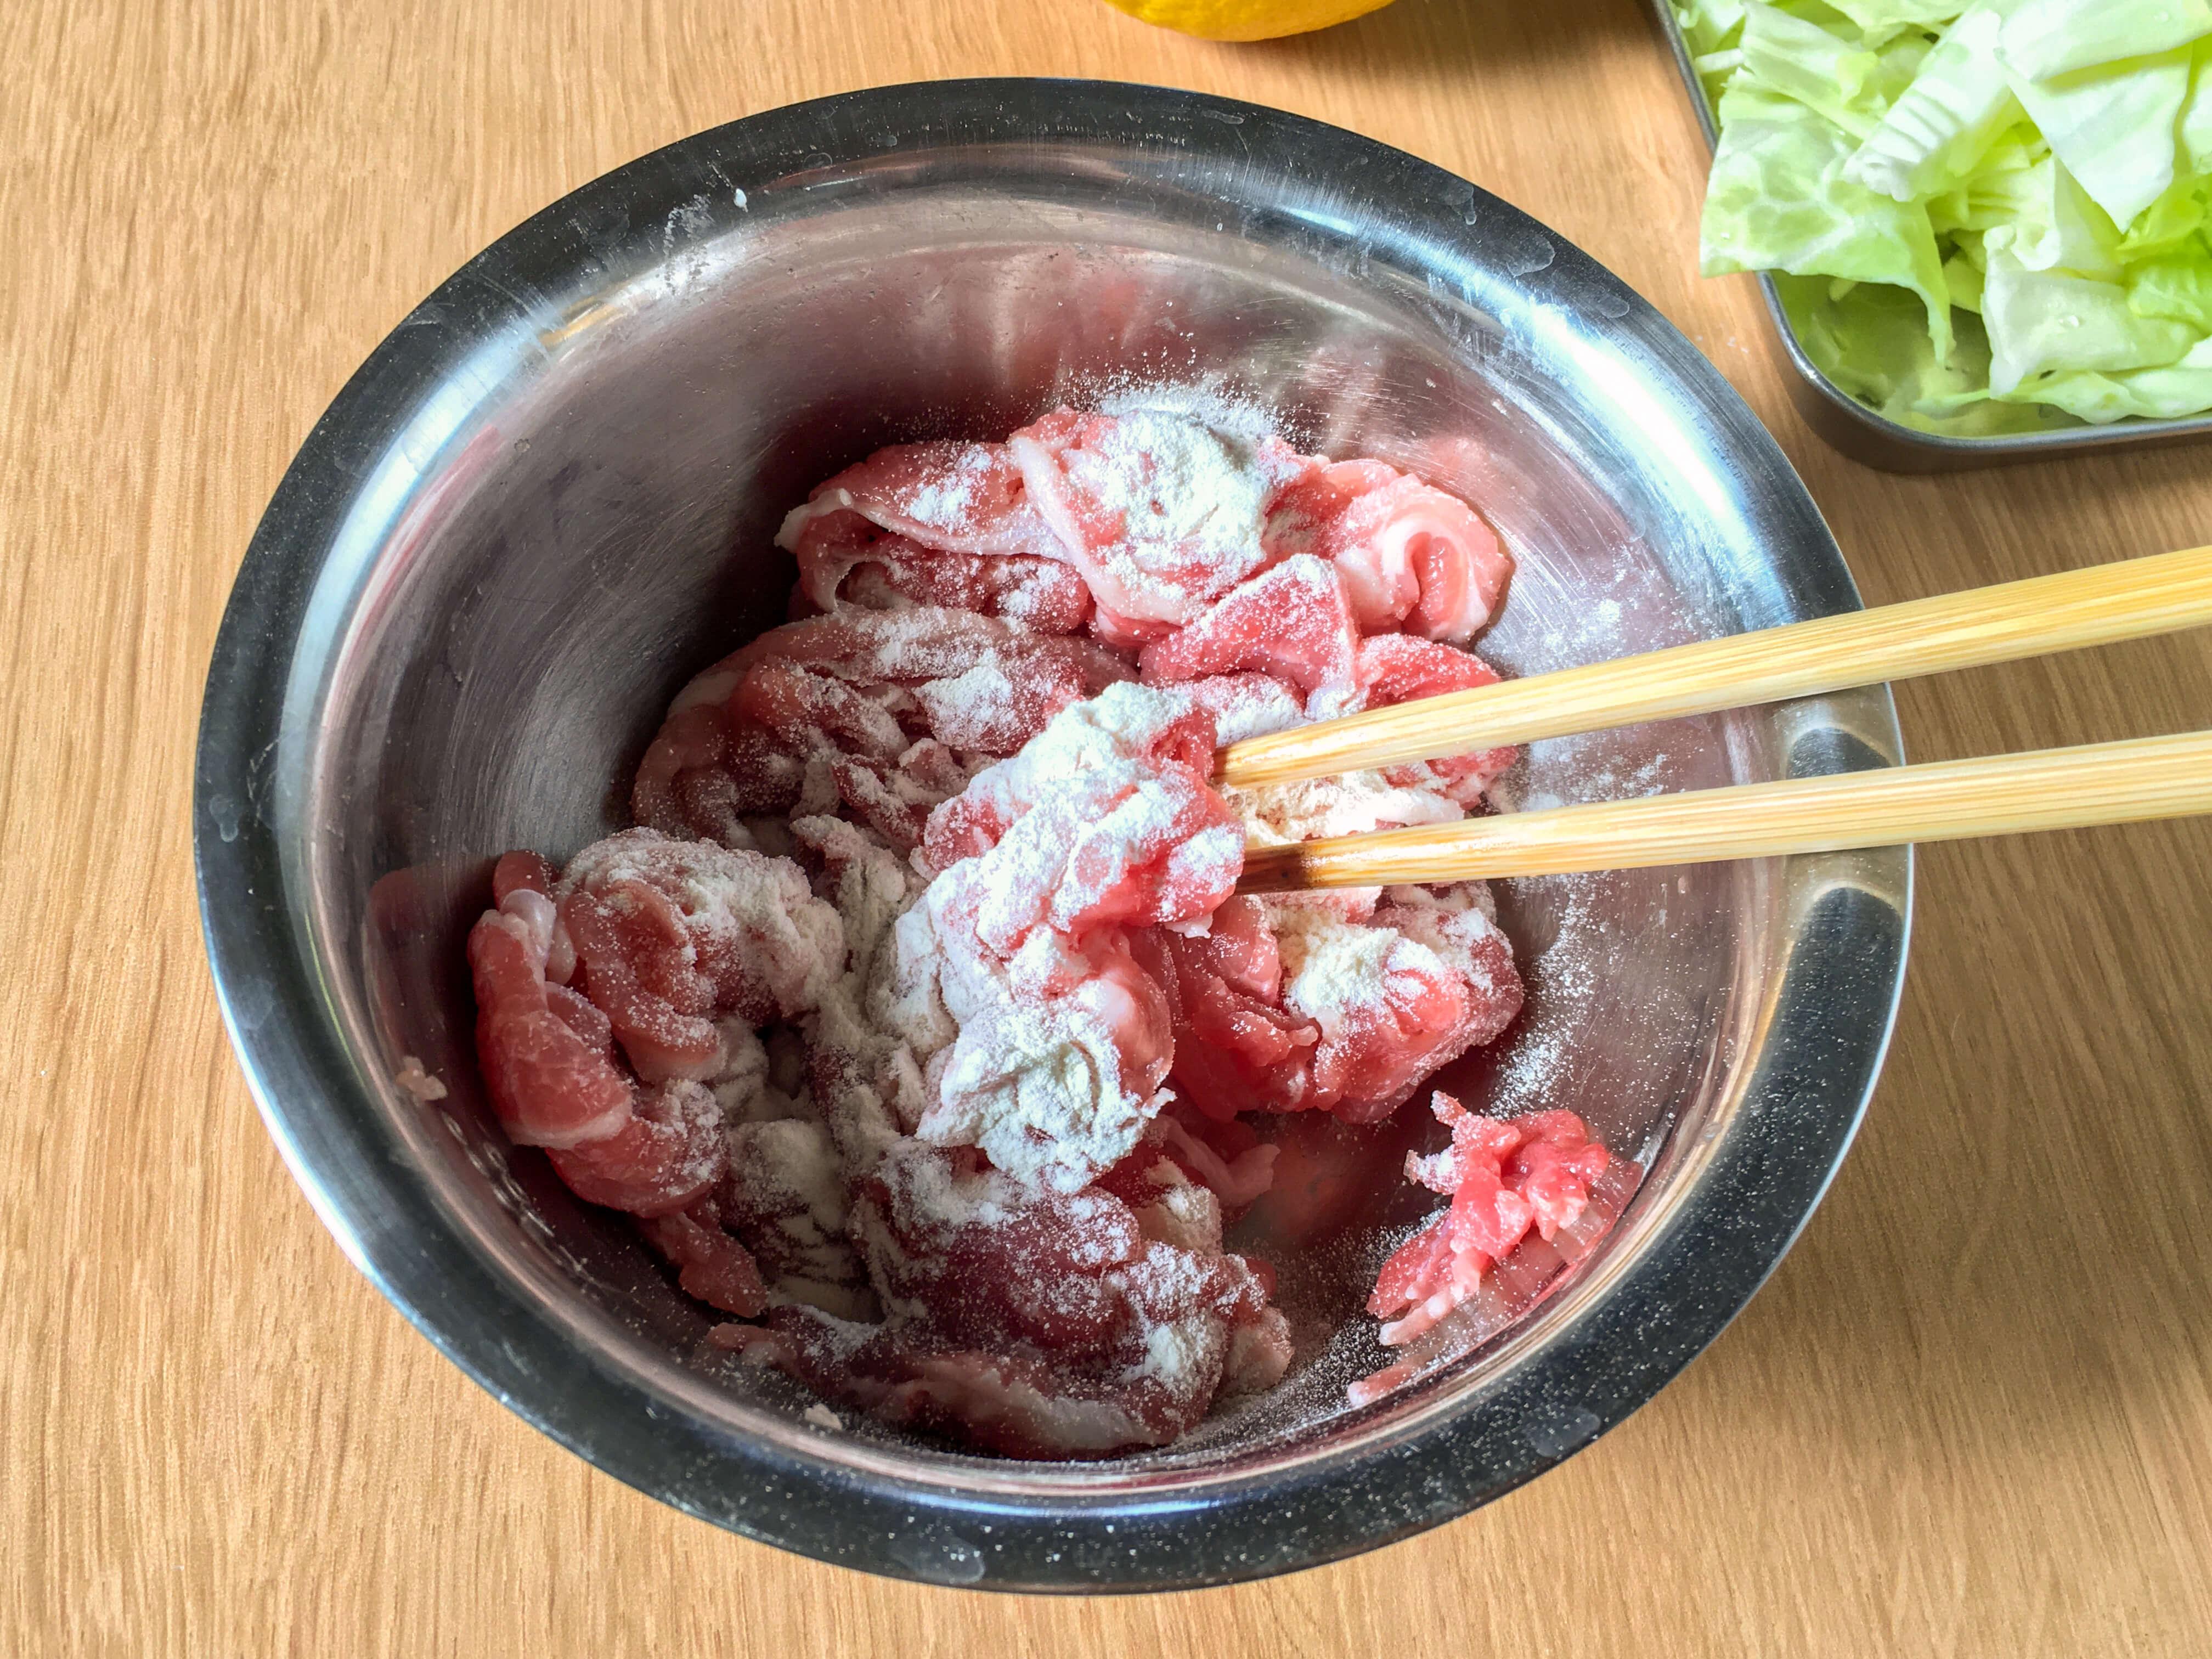 豚こま切れ肉に塩を揉み込み、薄力粉をまぶした様子